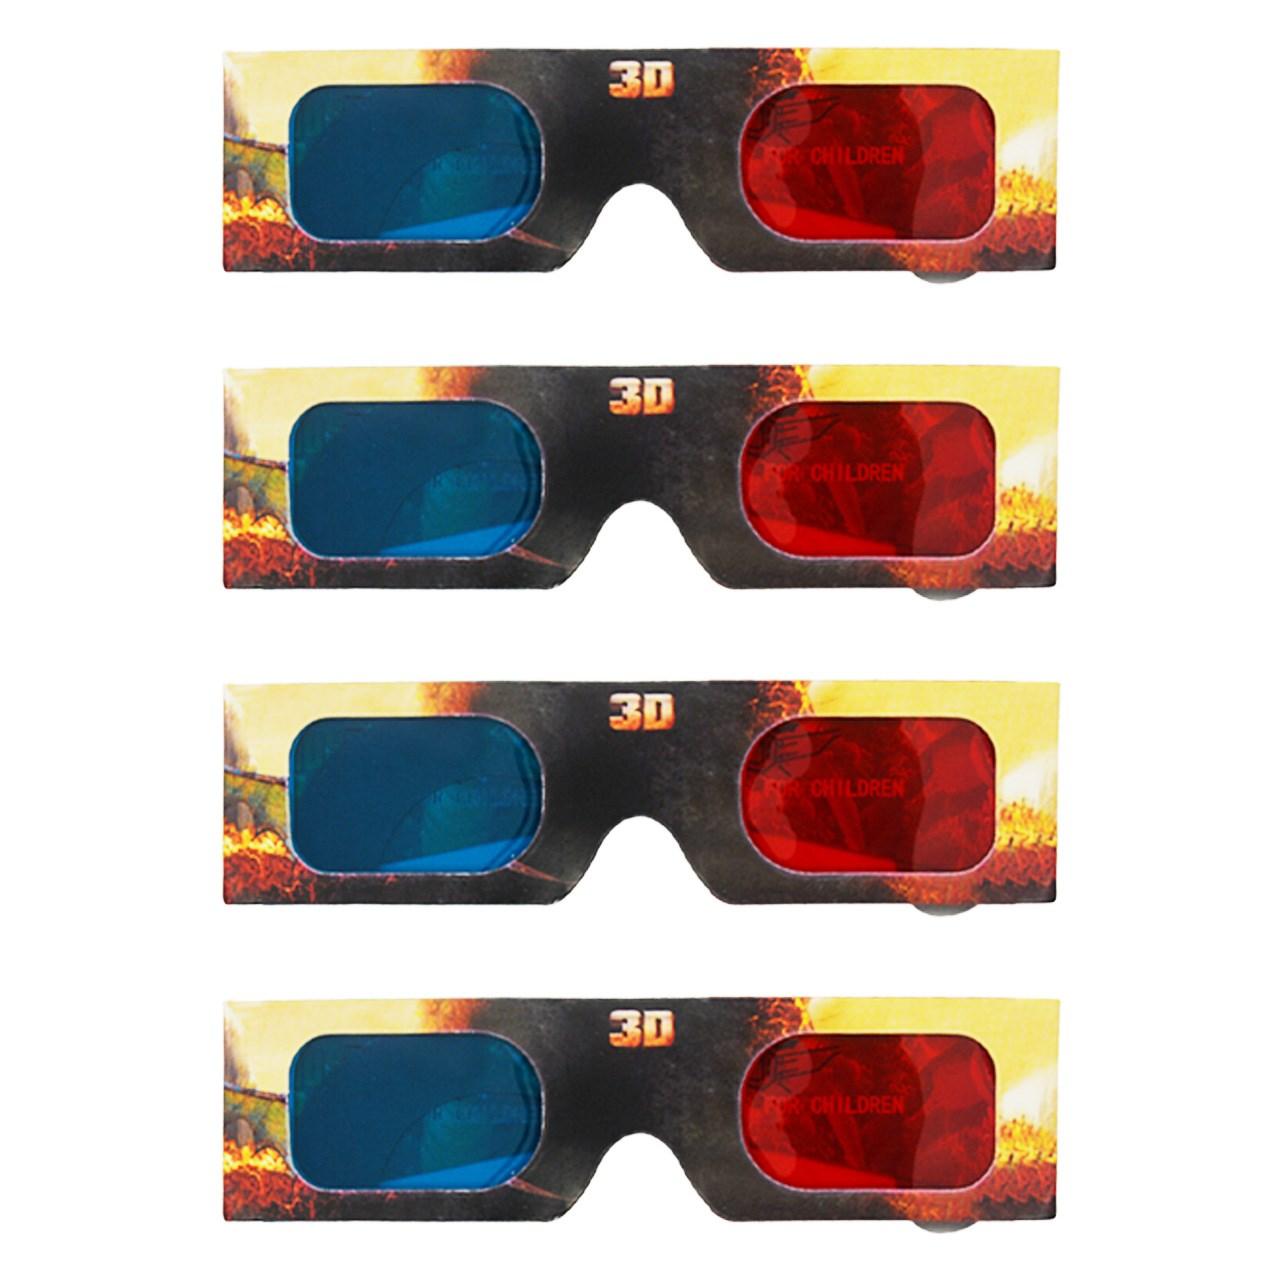 تصویر پک چهارعددی عینک سه بعدی مدل Hideous zippleback Hideous zippleback 3D Glasses